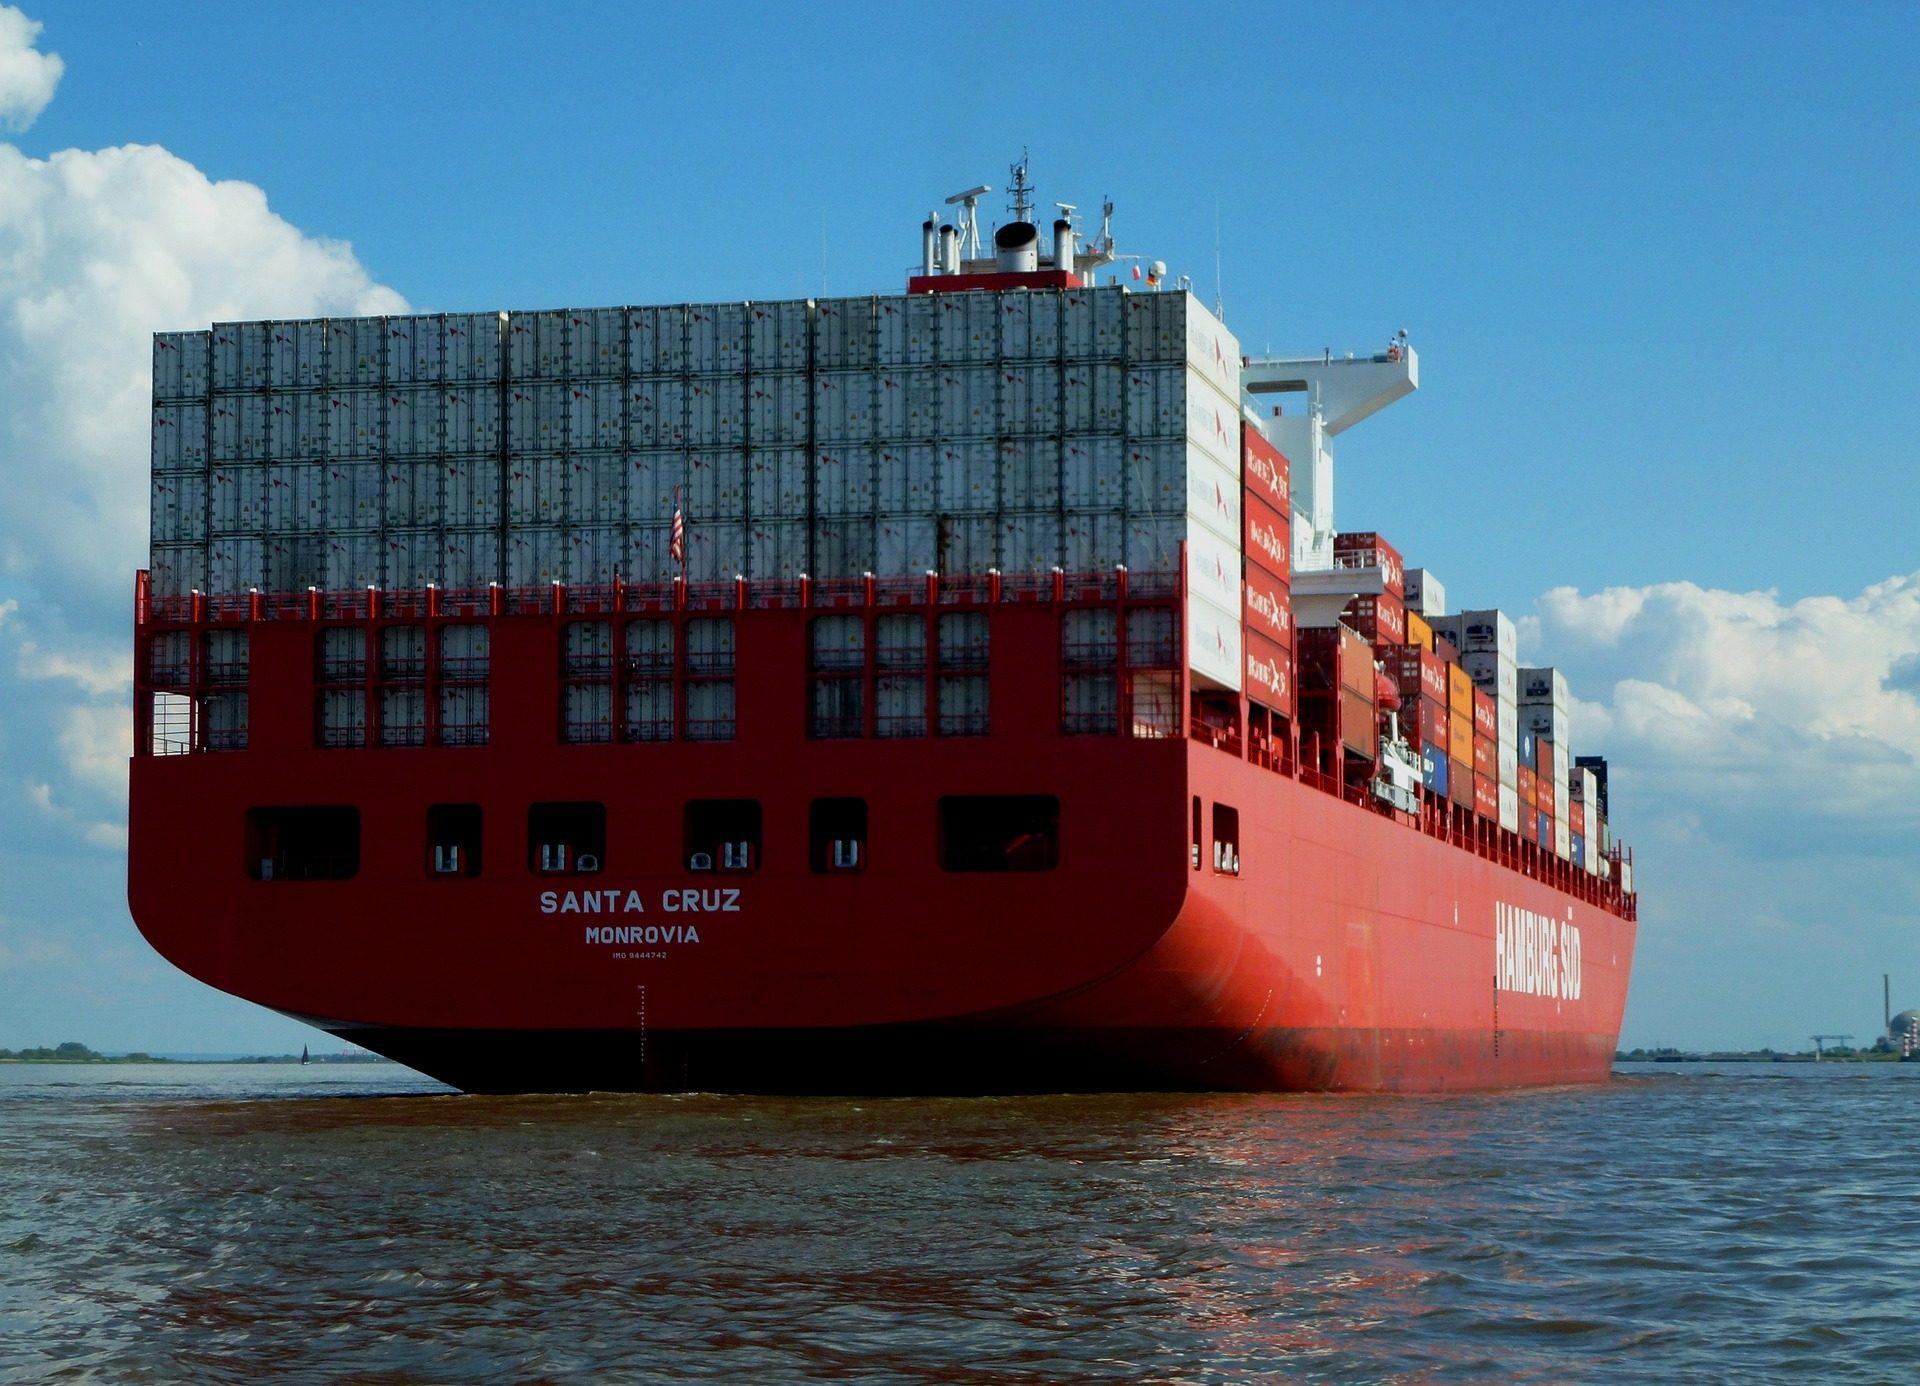 barco, carguero, contenedores, mercancías, comercio - Fondos de Pantalla HD - professor-falken.com